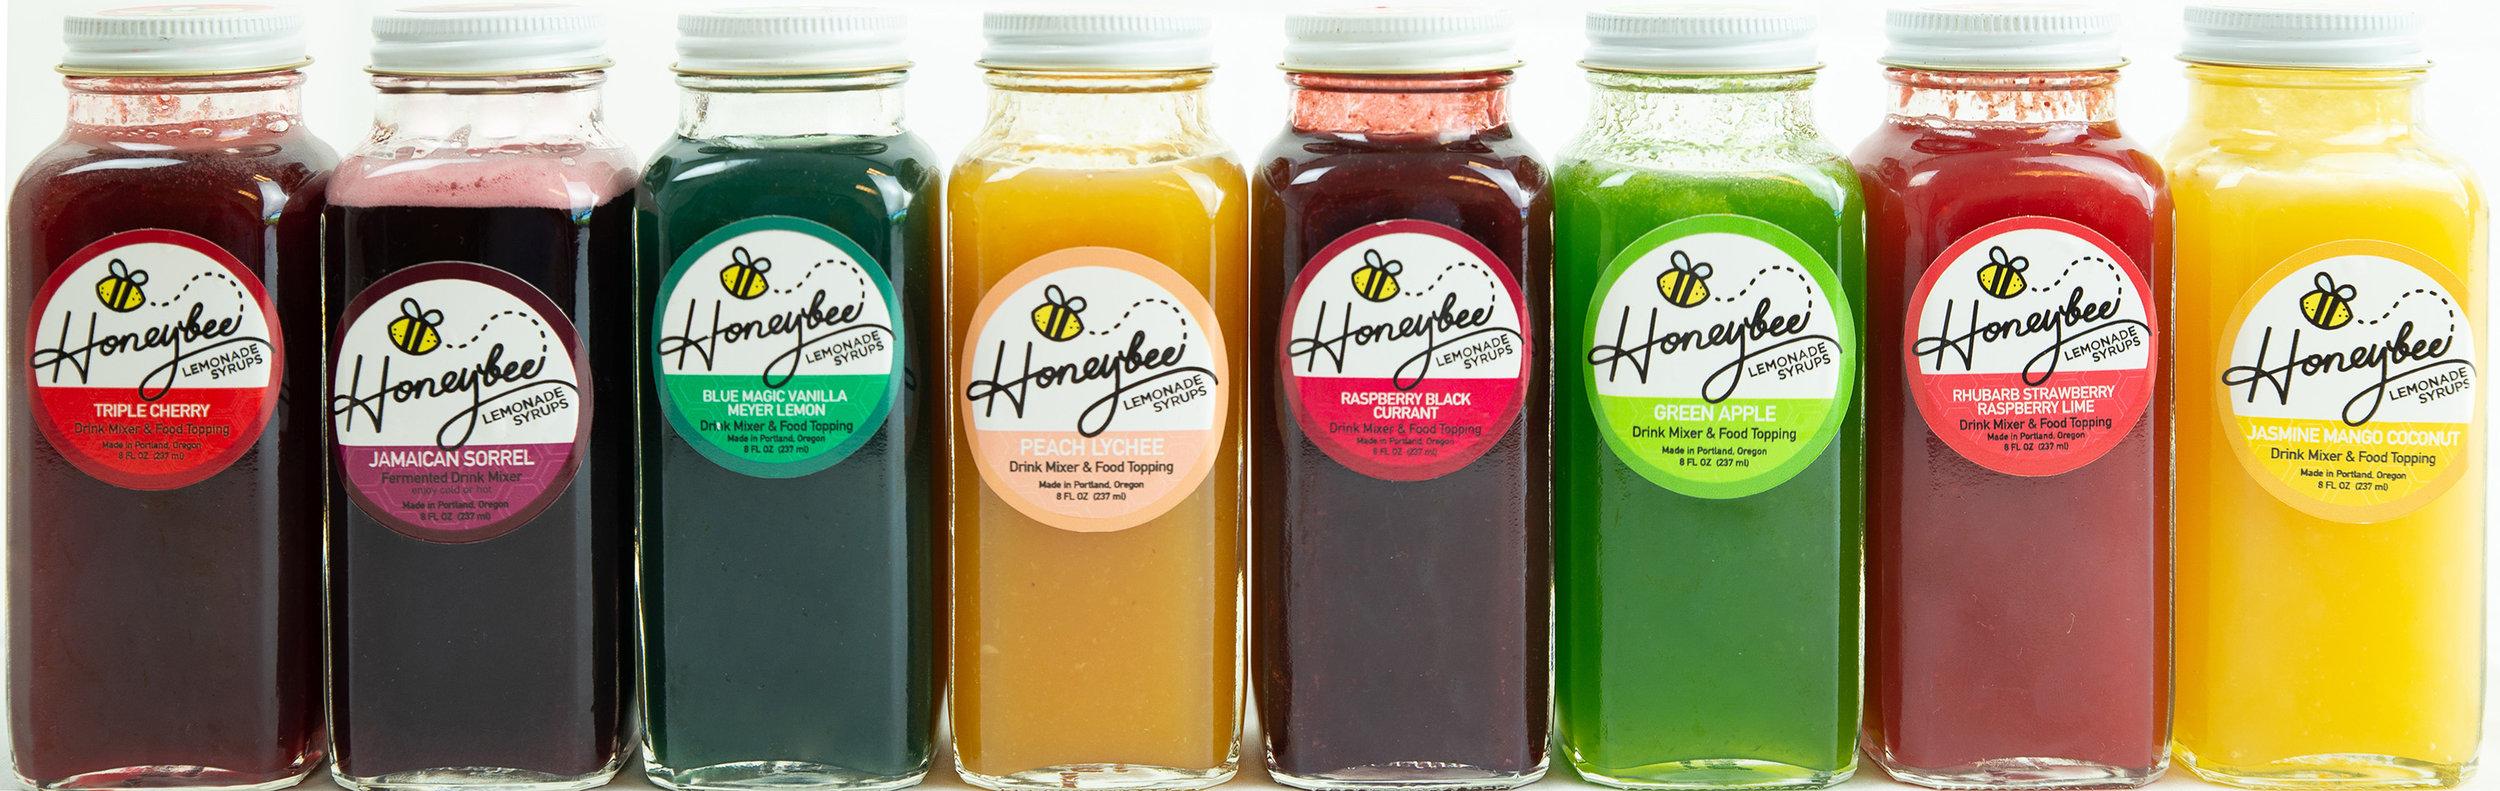 HOneyBee Flavors